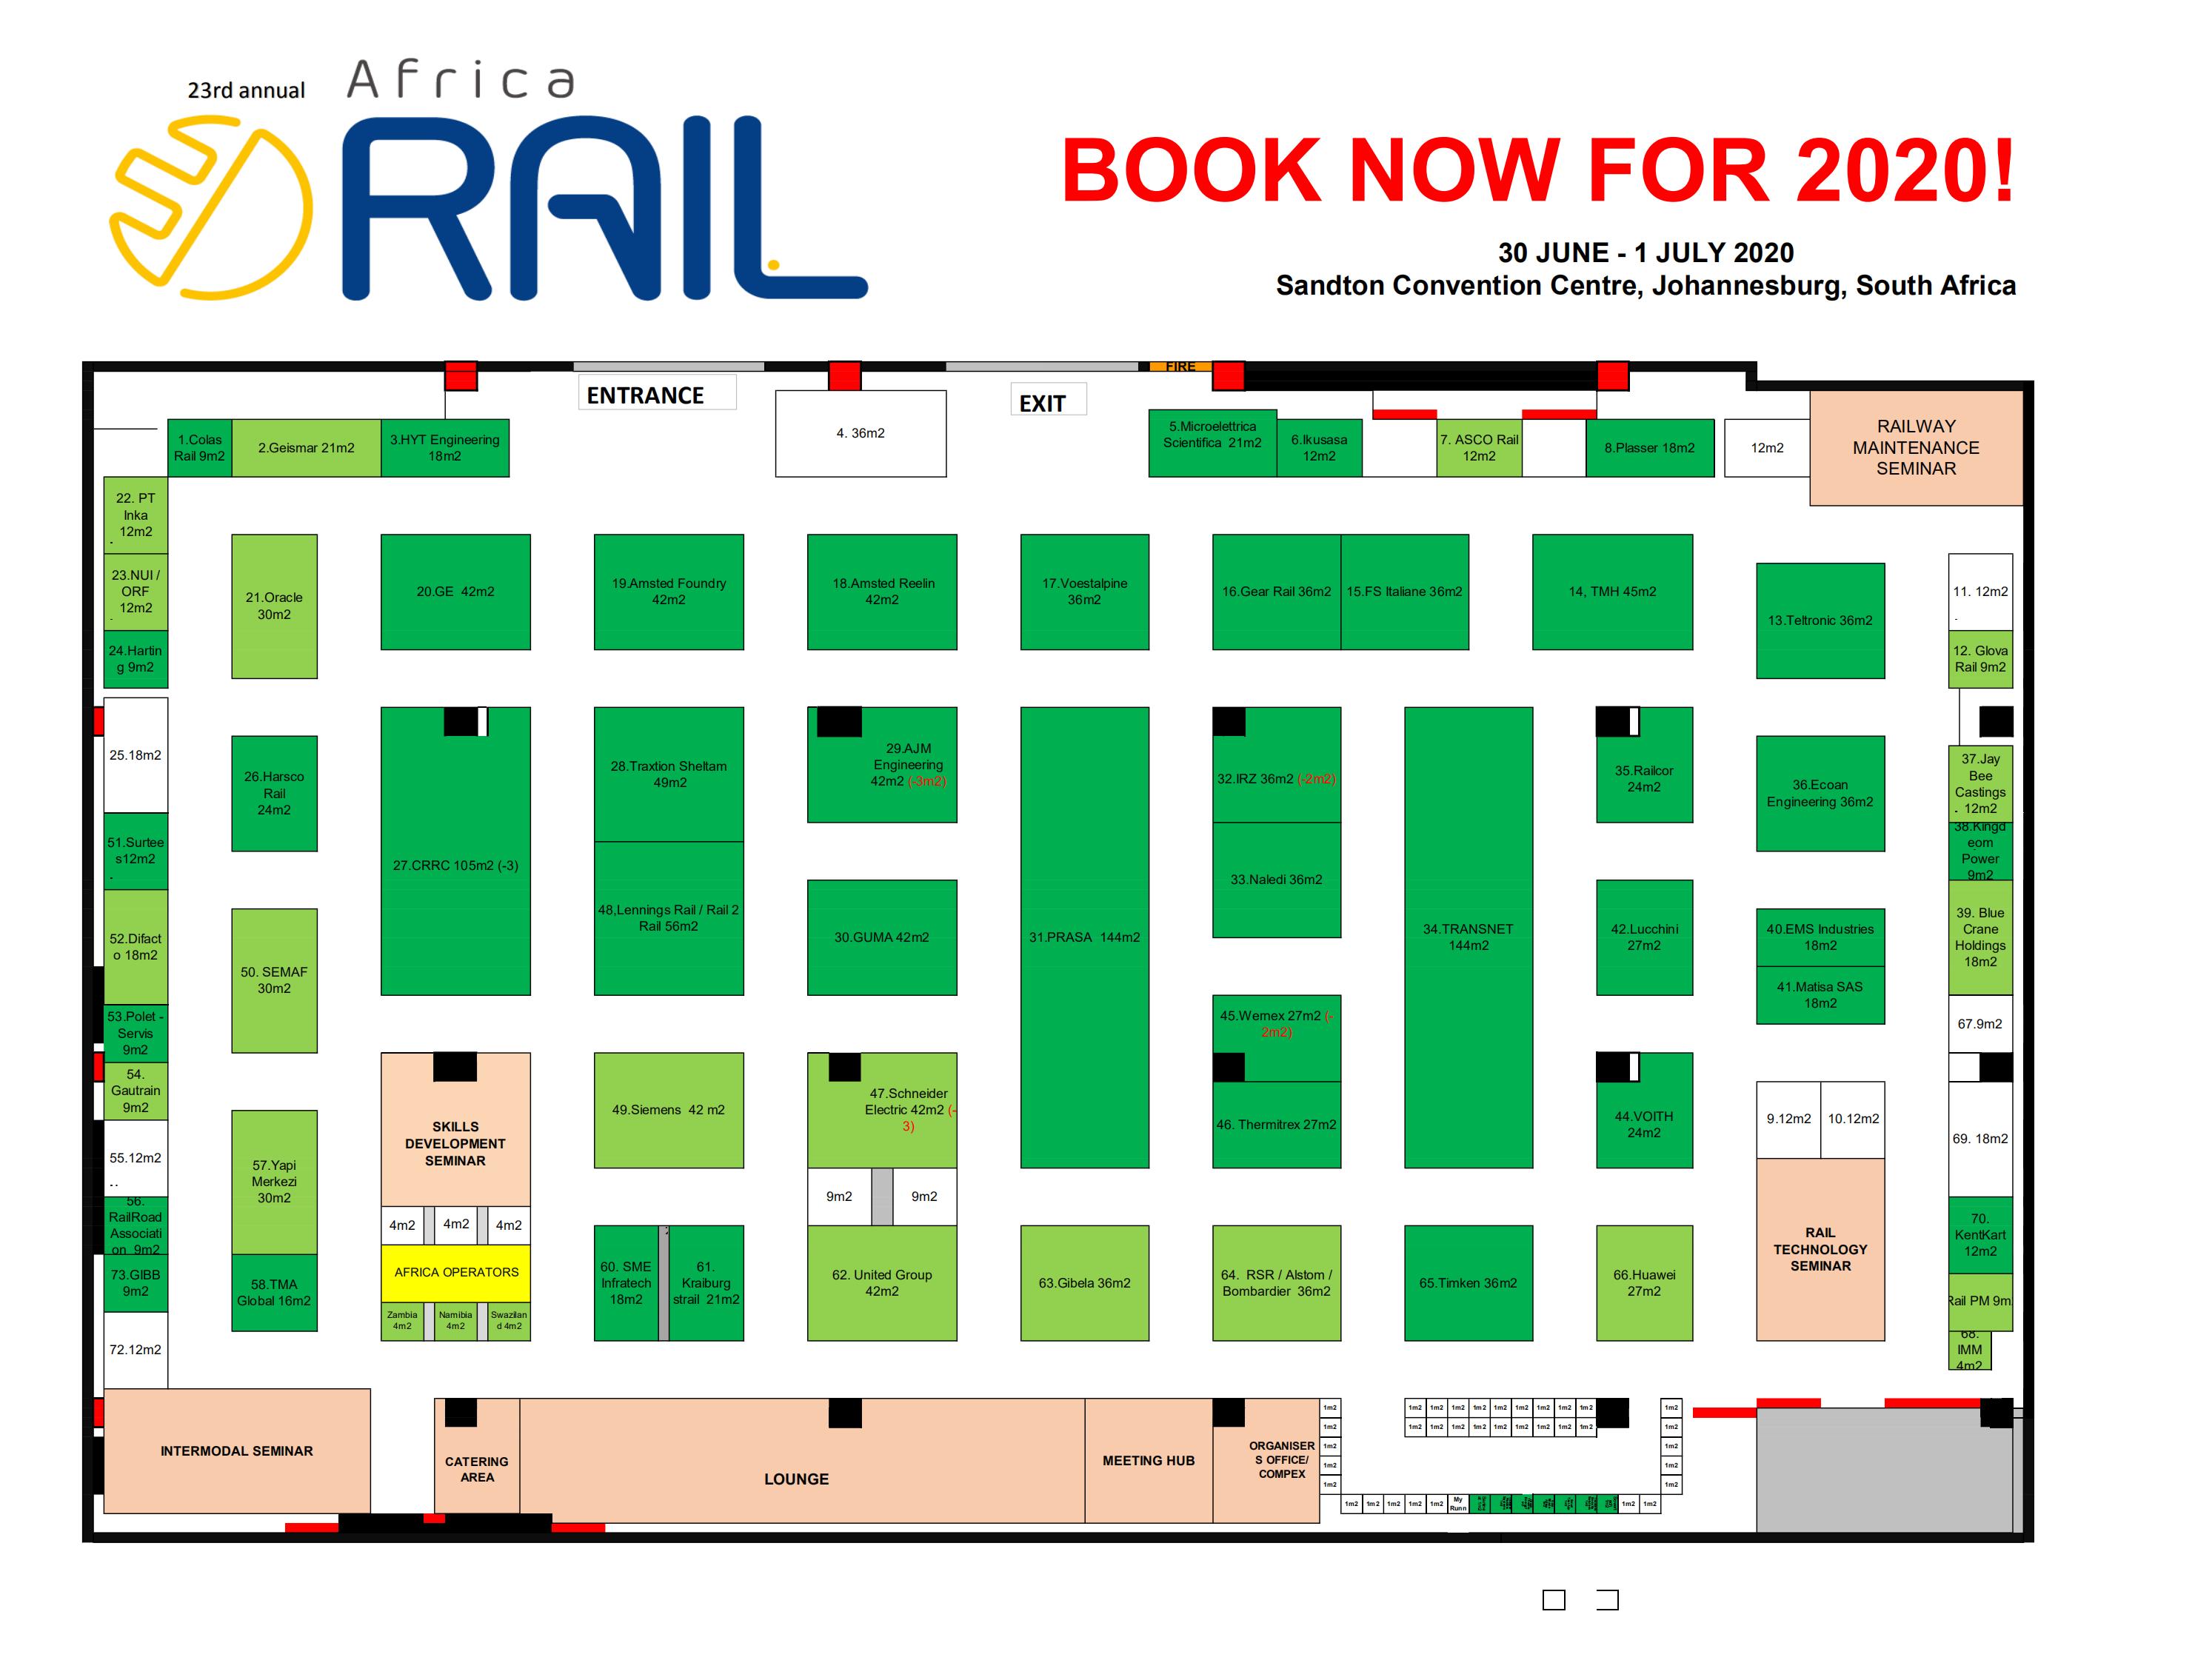 南非約翰內斯堡鐵路軌道交通展覽會Africa Rail